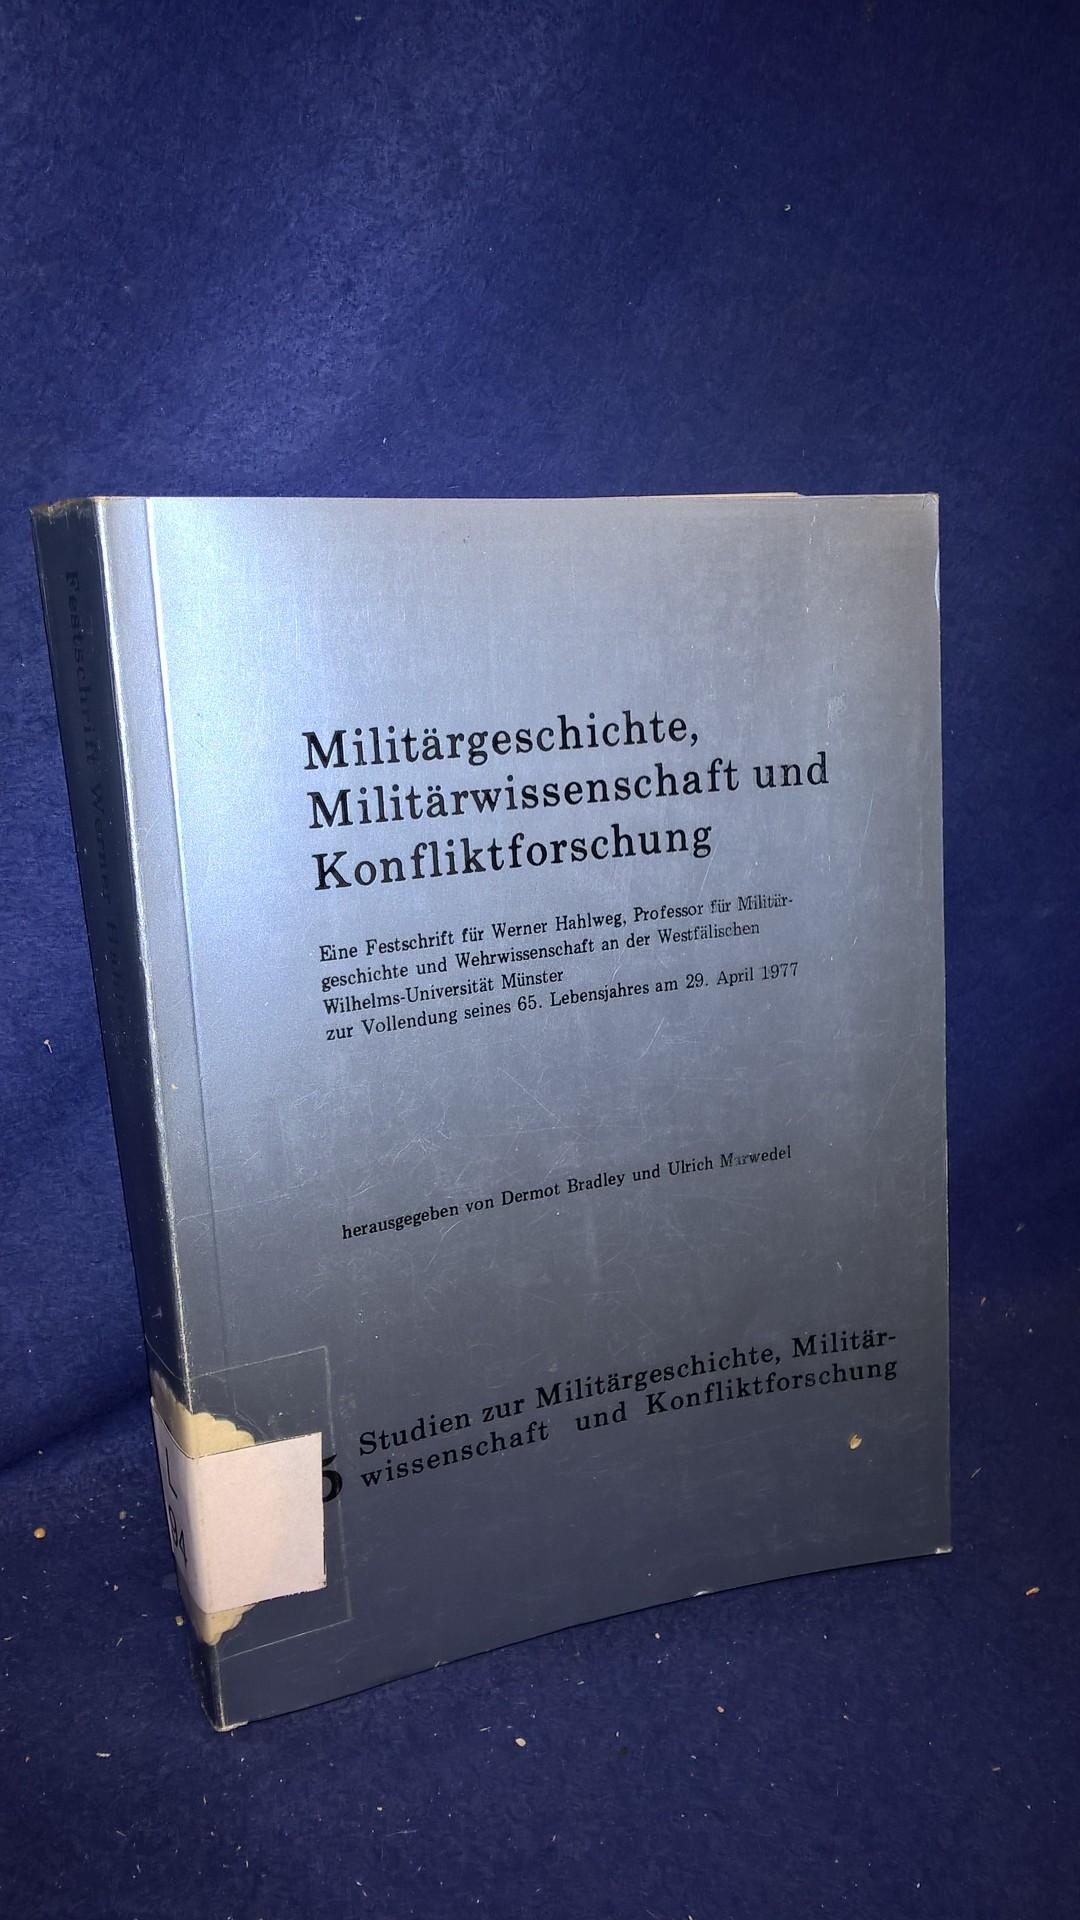 Militärgeschichte, Militärwissenschaft und Konfliktforschung.